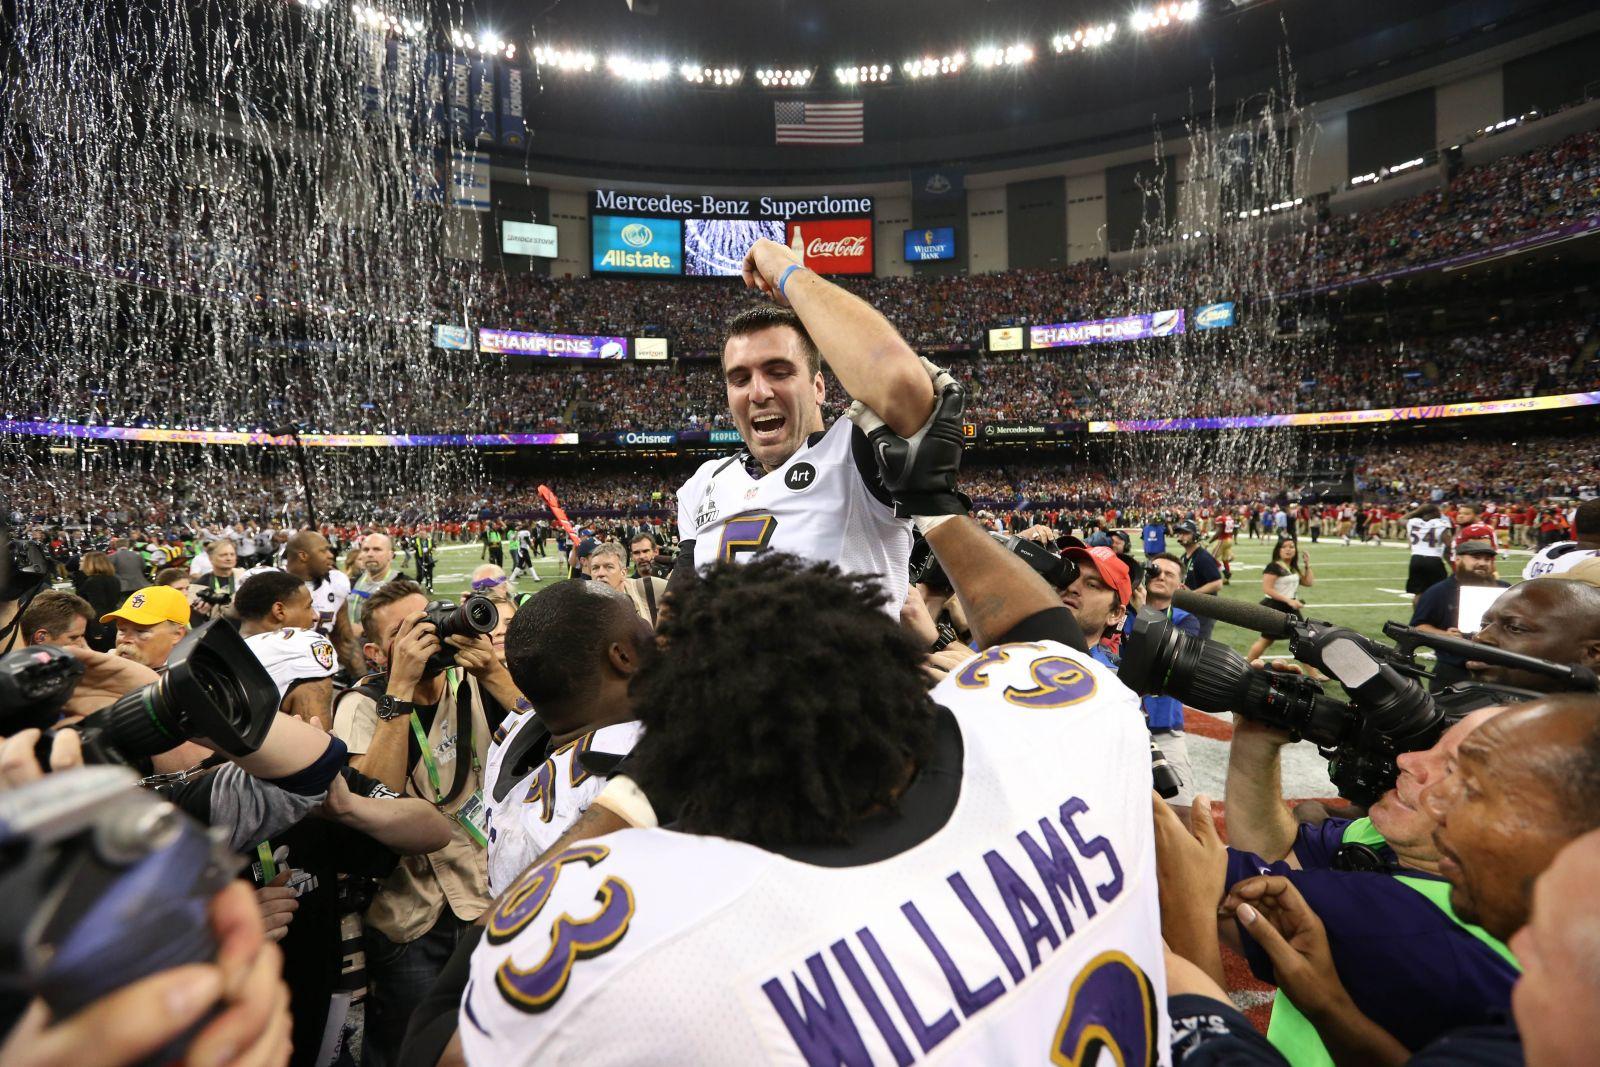 Baltimore Ravens: Superbowl XLVII Champions